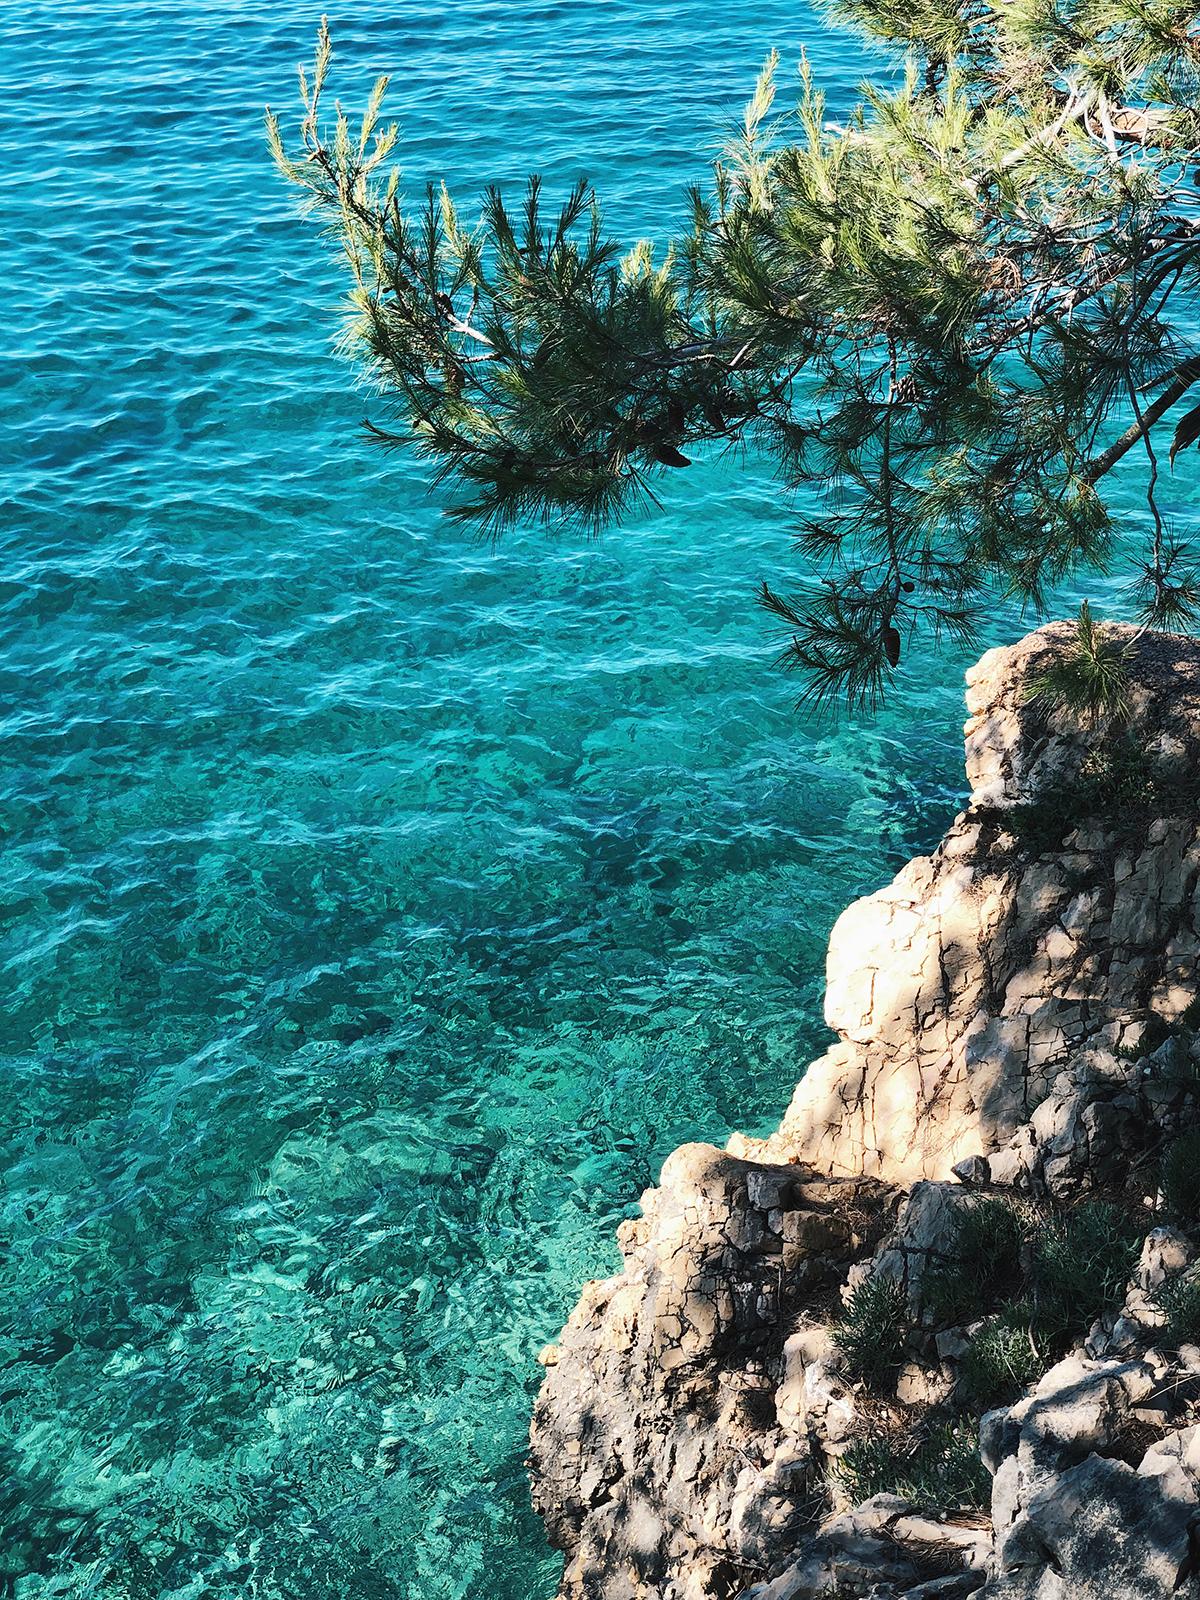 ohranimo-naravo-čisto-in-neokrnjeno-lili-in-roza-blog-skrb-za-okolje-morje-4.JPG